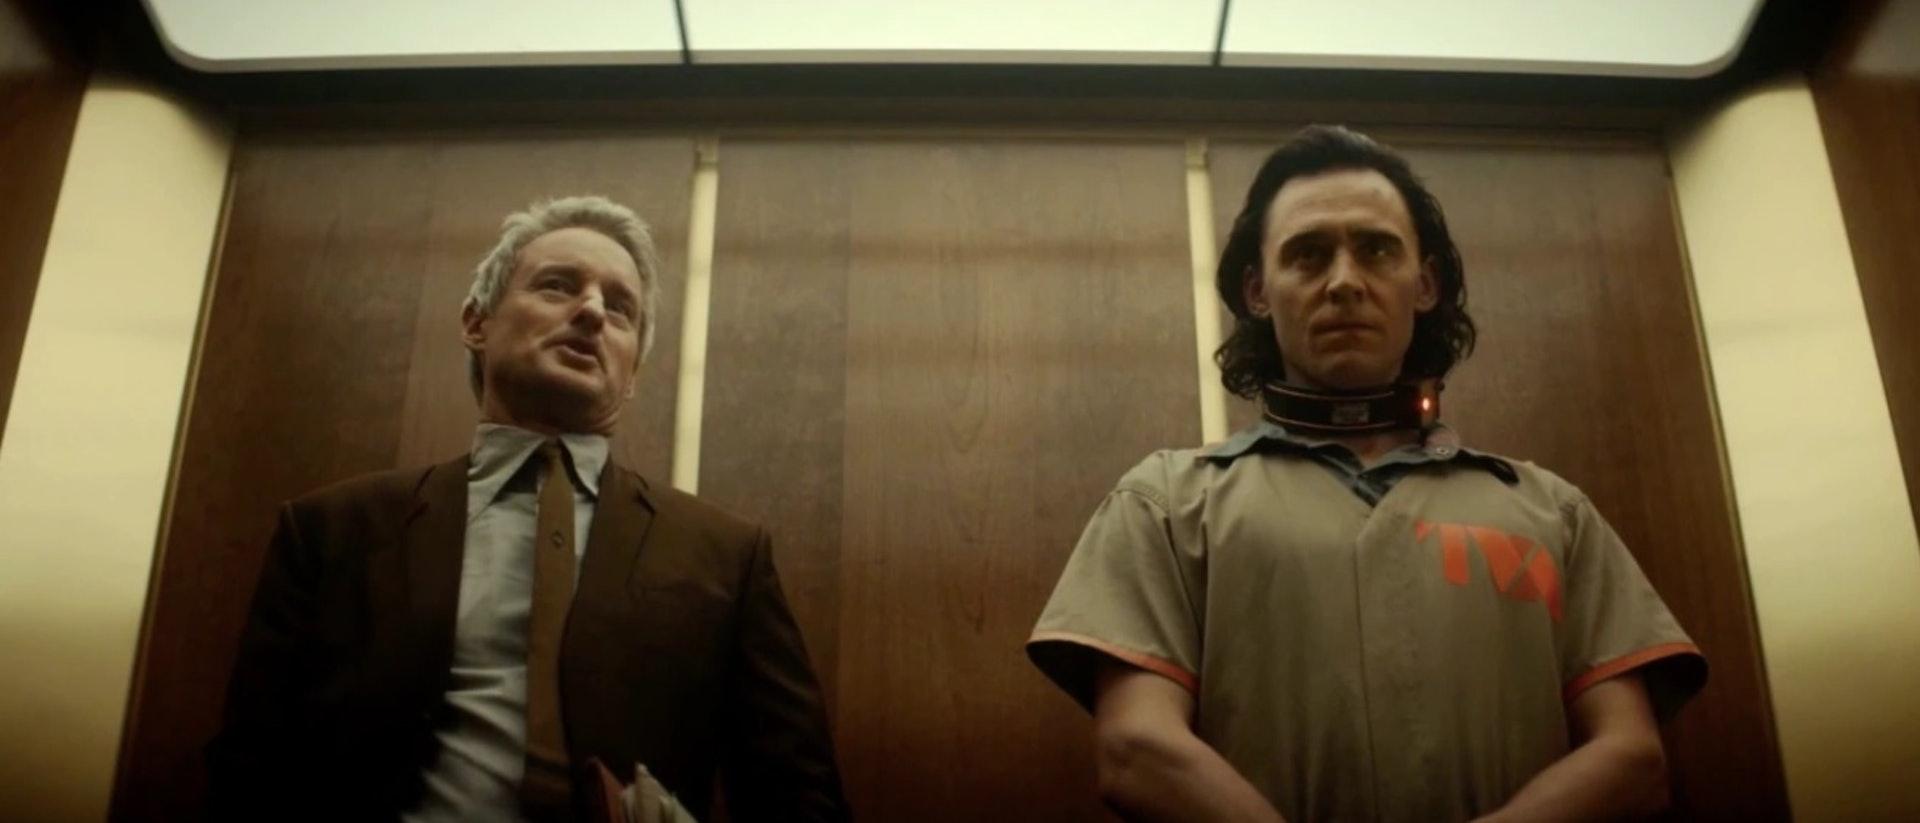 洛基影集亦推出首預告,完美銜接《復仇者聯盟4︰終局之戰》佢消失一幕。(影片截圖)